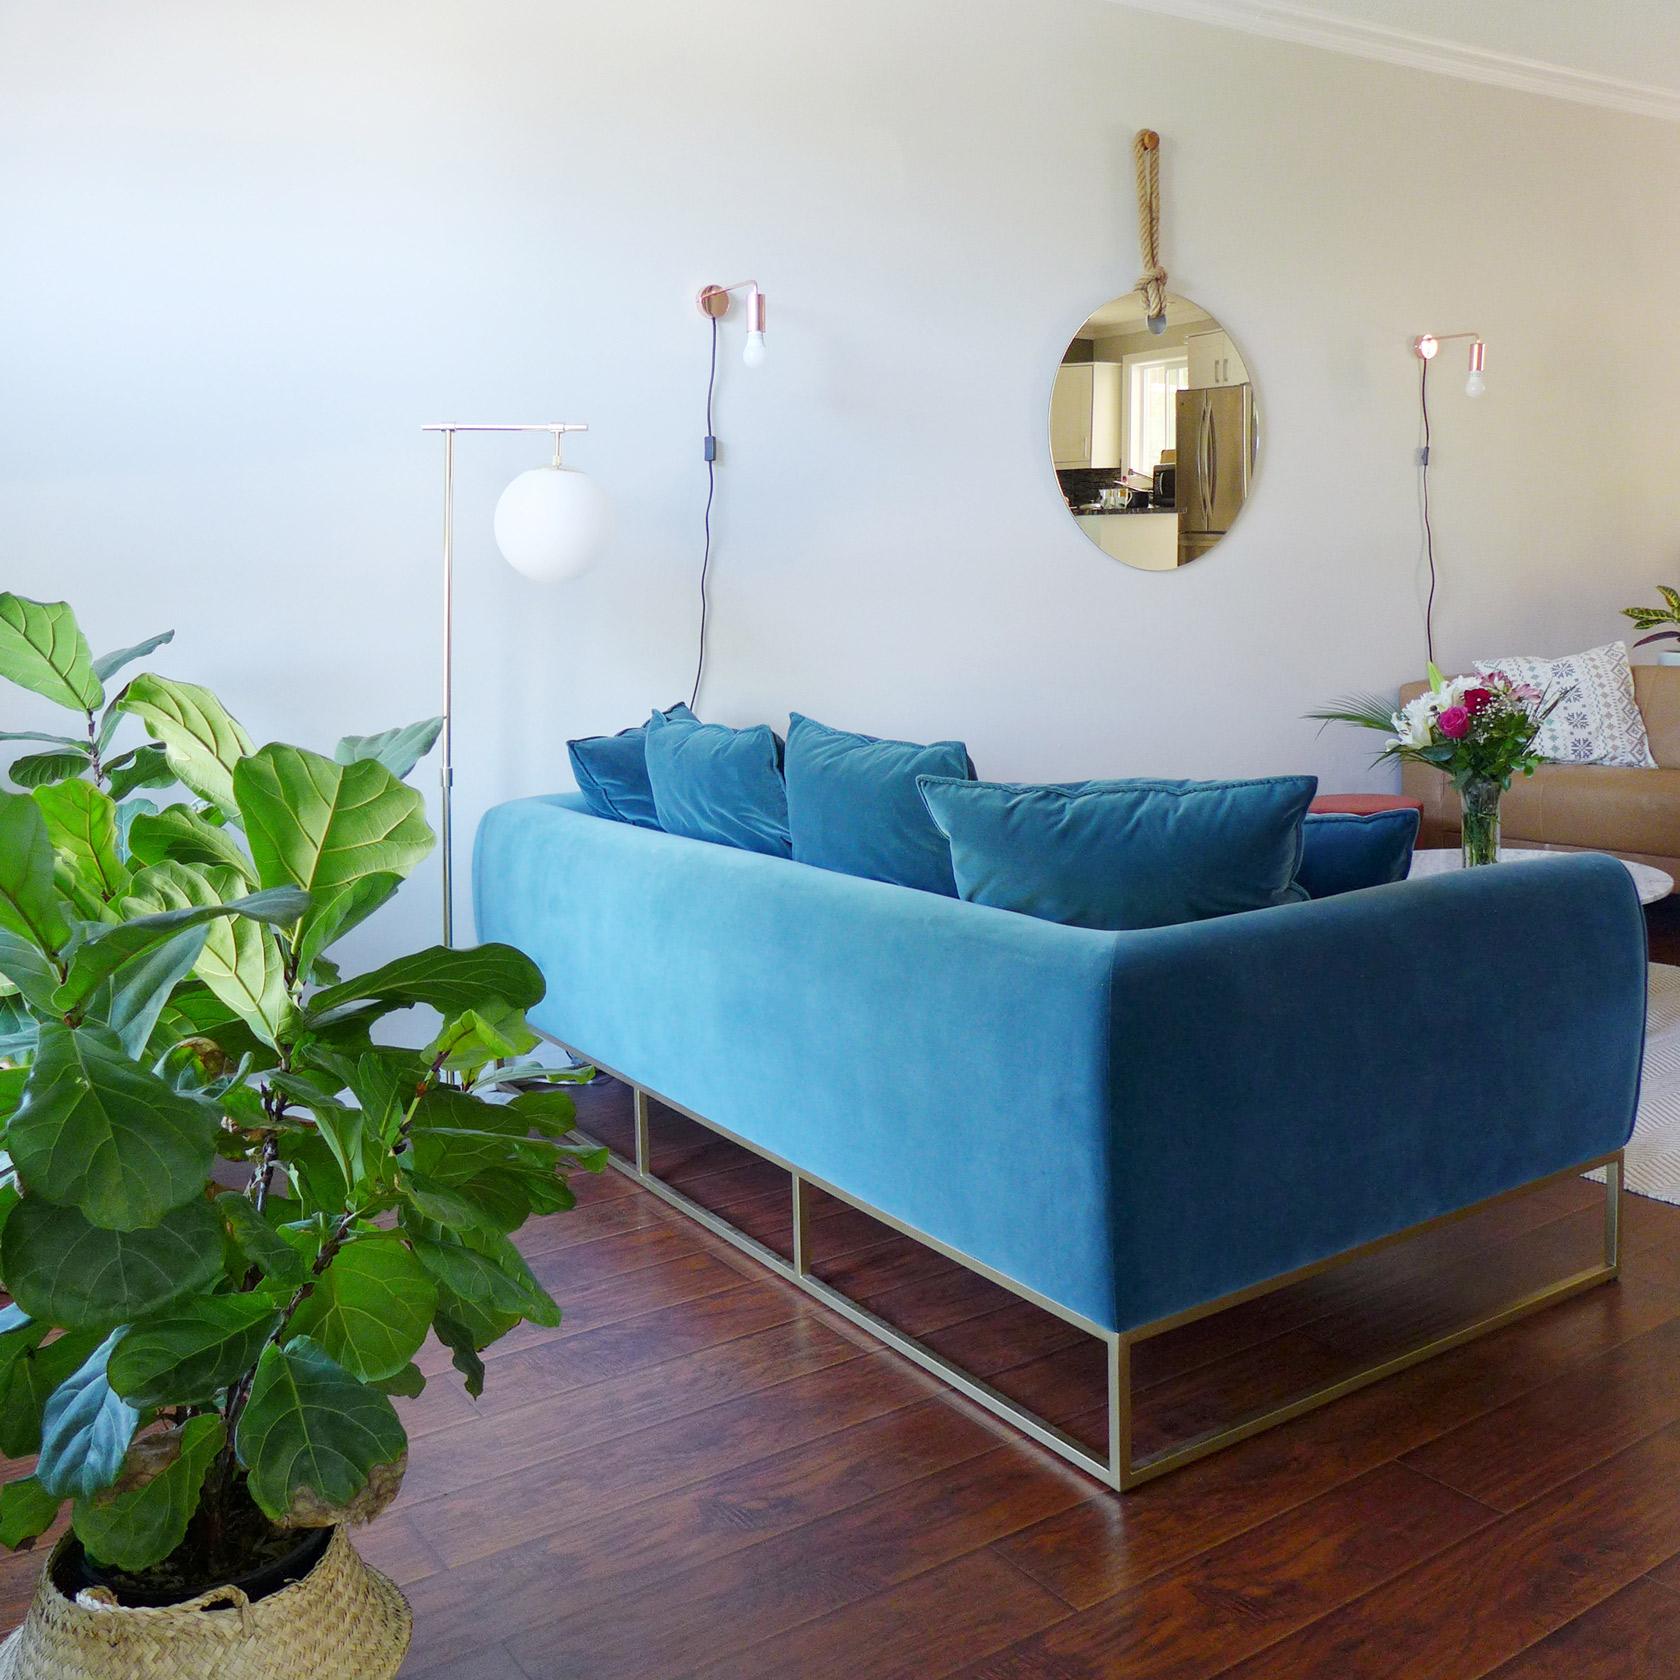 Réalisation du studio d'architecture et de décoration Skéa Designer. Velouté.Vue d'un canapé en velours bleu et de sa structure métallique dorée.